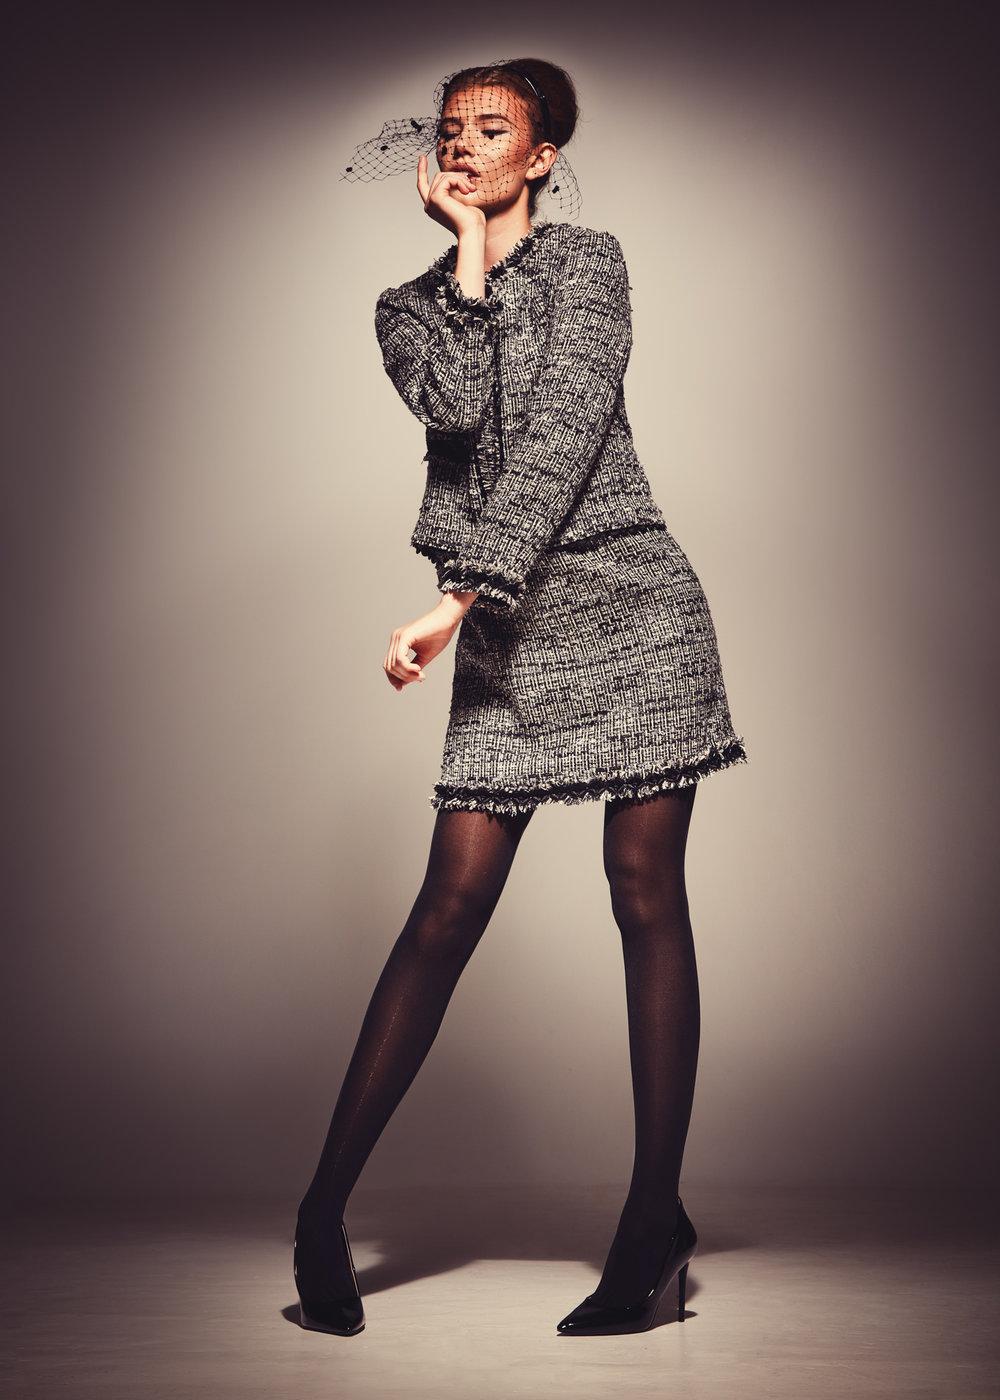 FashionEditorial_HollyMartin.jpg